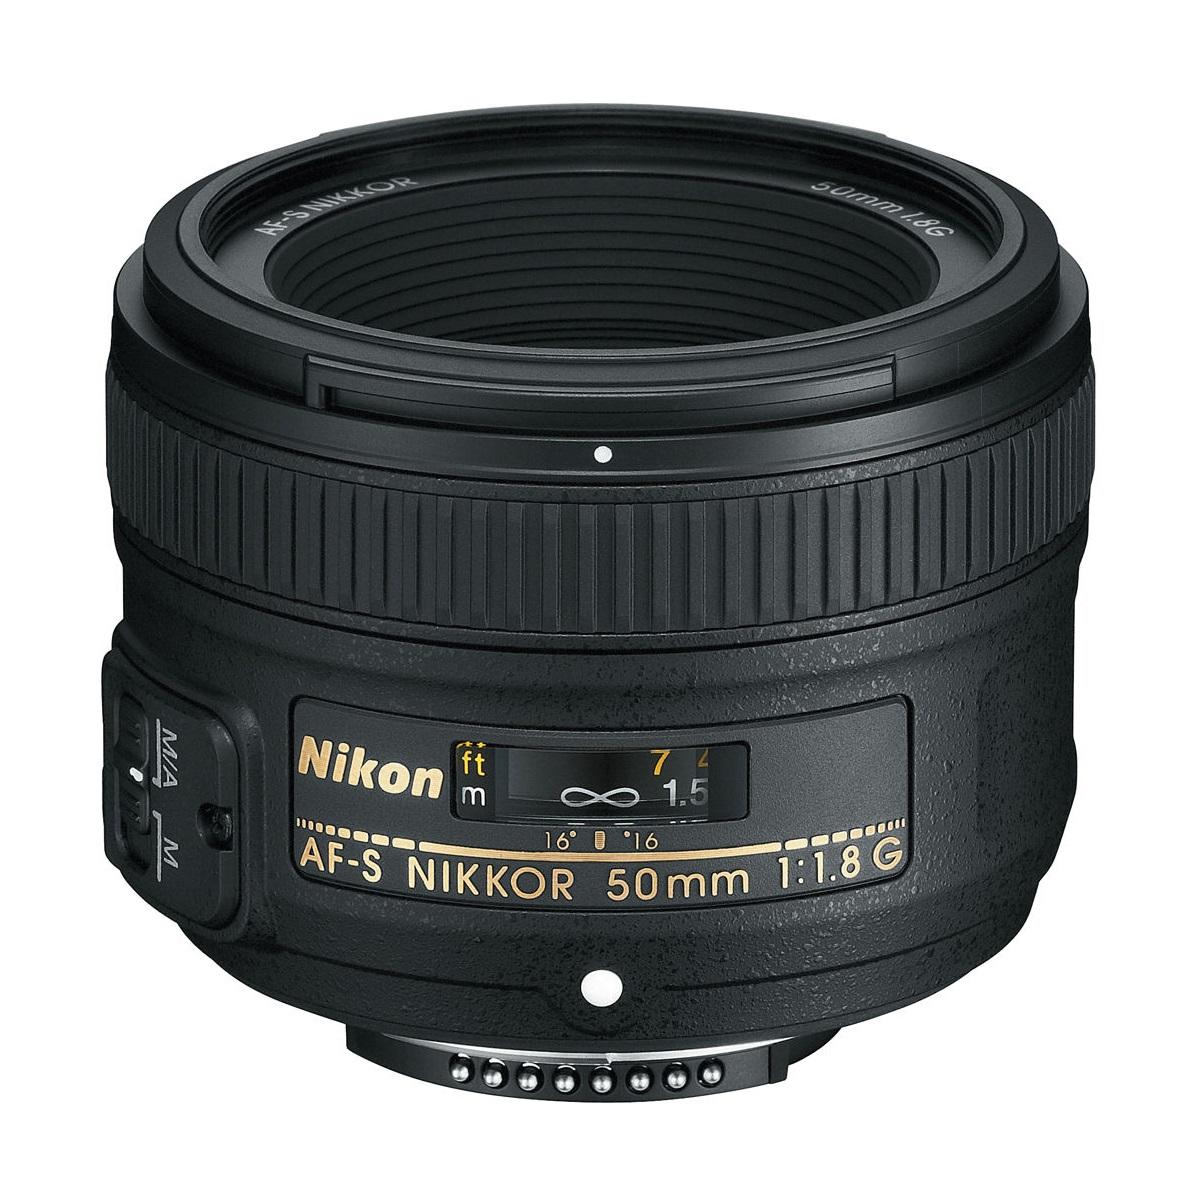 لنز دوربین عکاسی 50 میلیمتر نیکون | NIKON AF-S NIKKOR 50mm F/1.8G Camera Lens